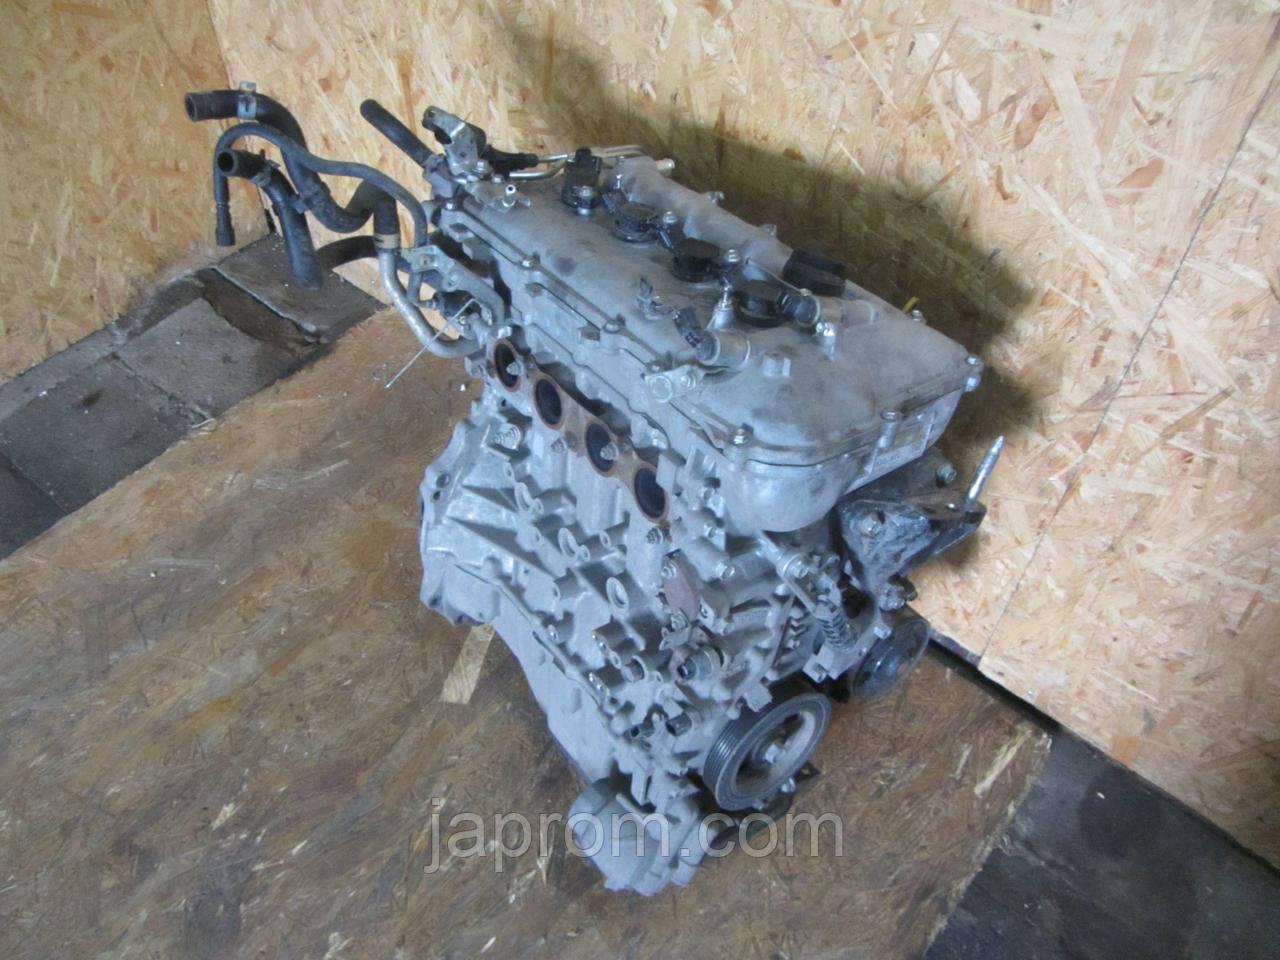 Мотор (Двигатель)  TOYOTA RAV4 2012-2016г.в. 2,0 бензин 3ZR